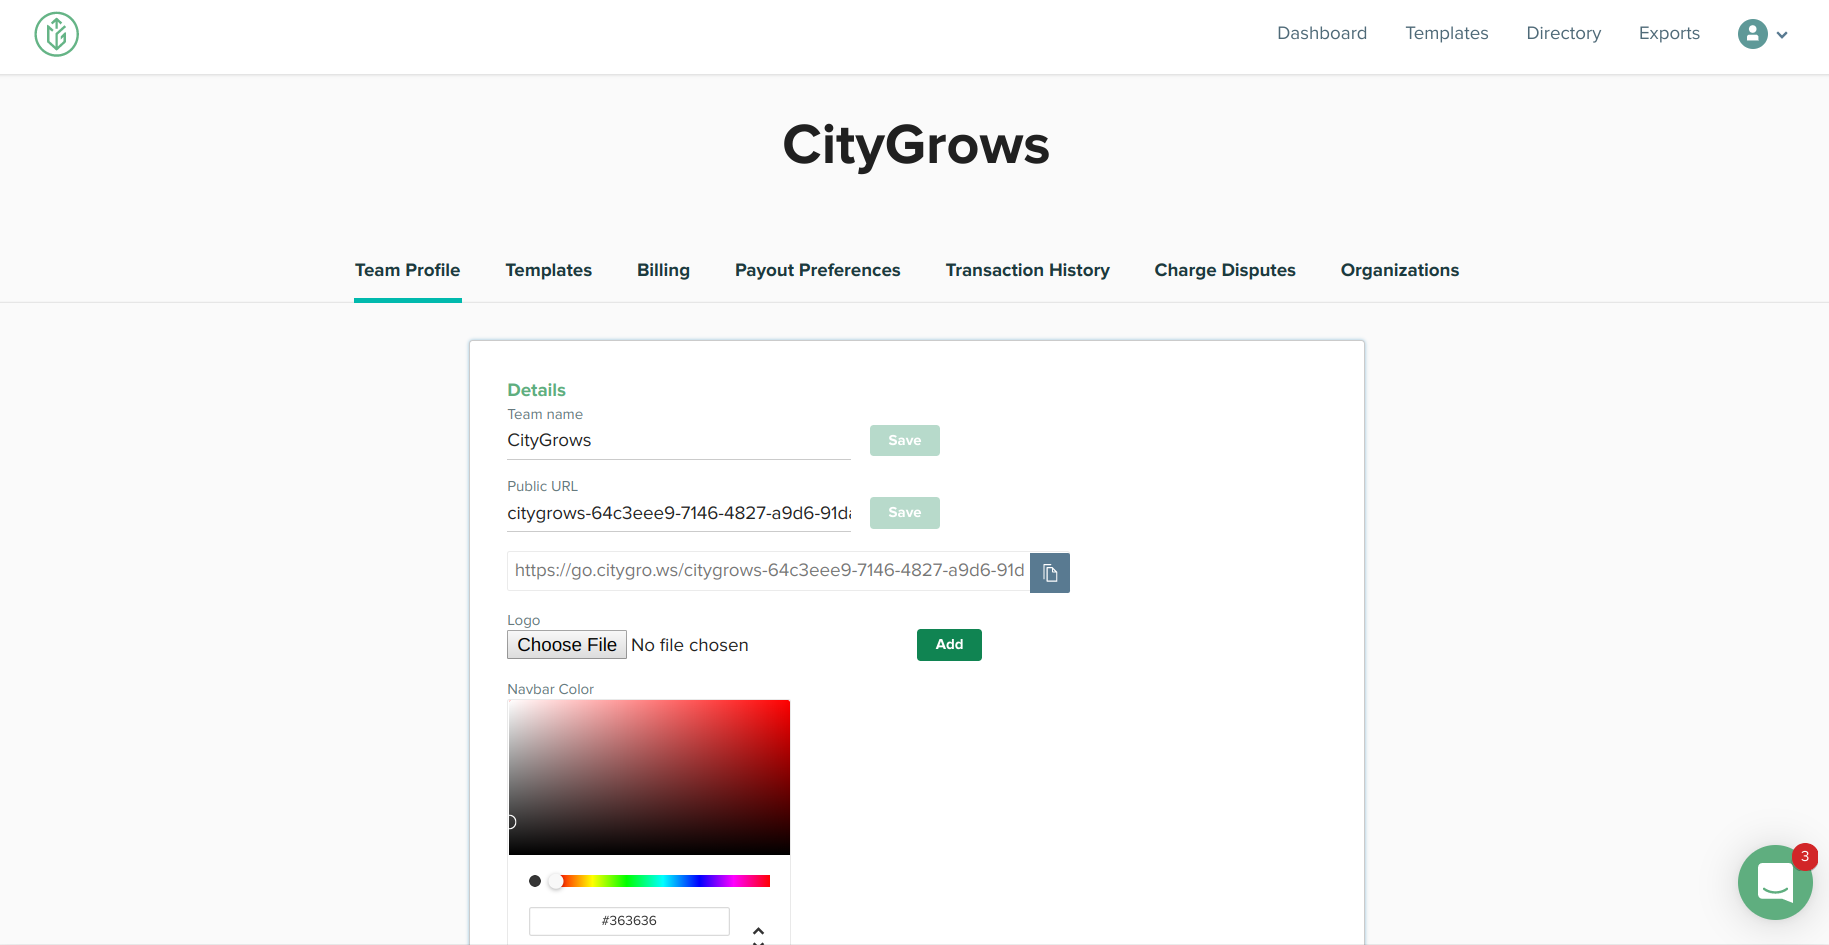 CityGrows team profile page